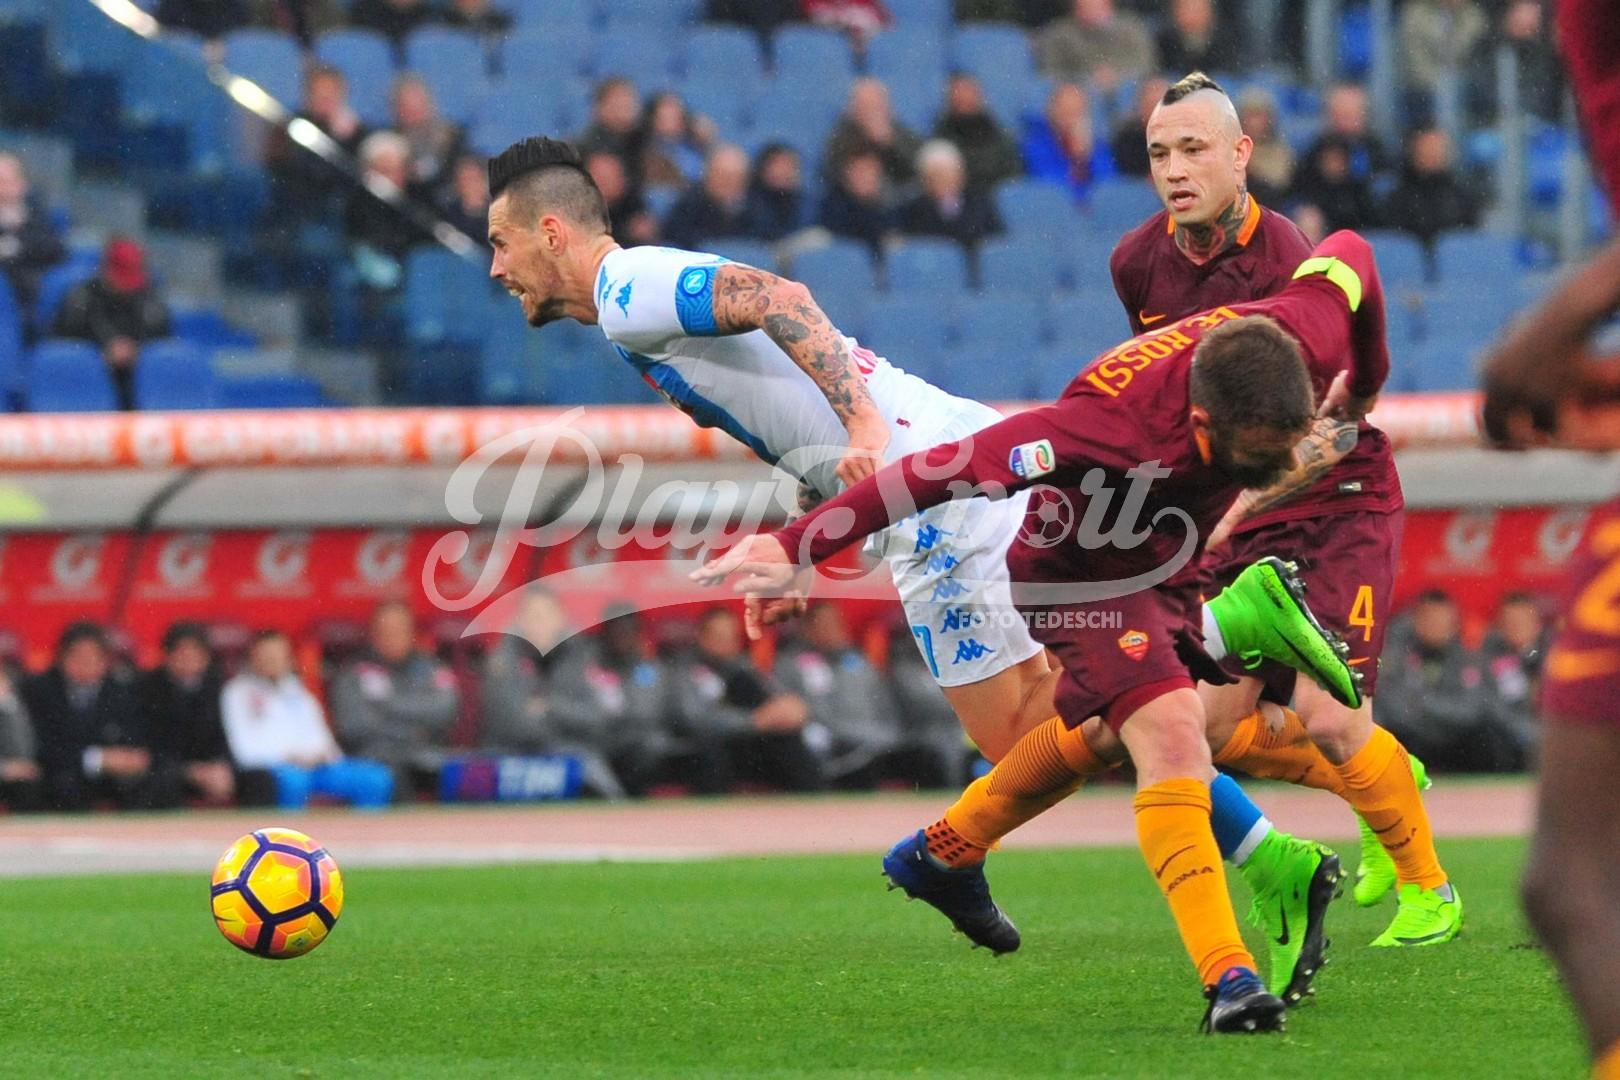 Debacle Roma, il Napoli vince 2-1 all'Olimpico con Mertens e Reina (FOTO)